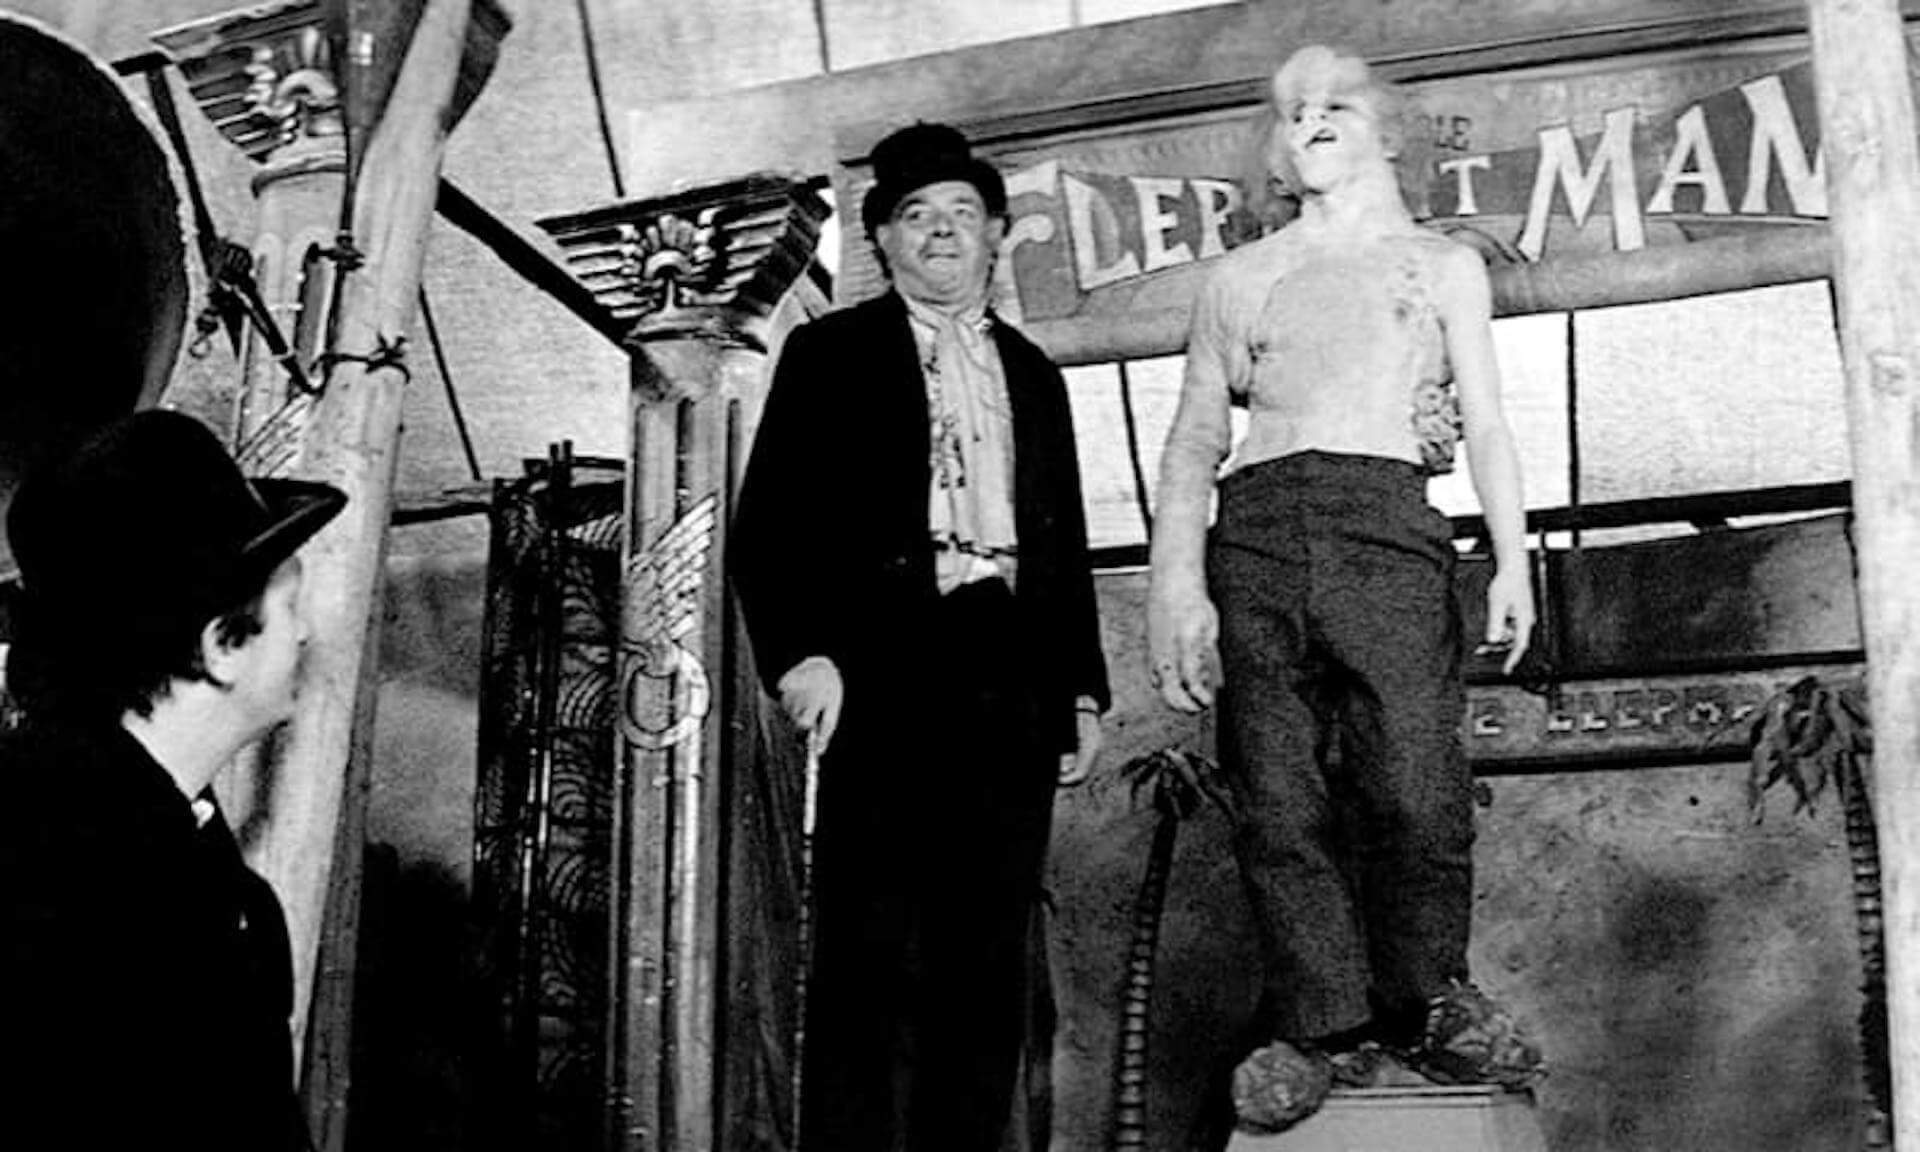 デヴィッド・リンチ最高傑作『エレファント・マン』が4K版で上映決定!自ら製作経緯を語るインタビュー映像が解禁 film200626_elephantman_3